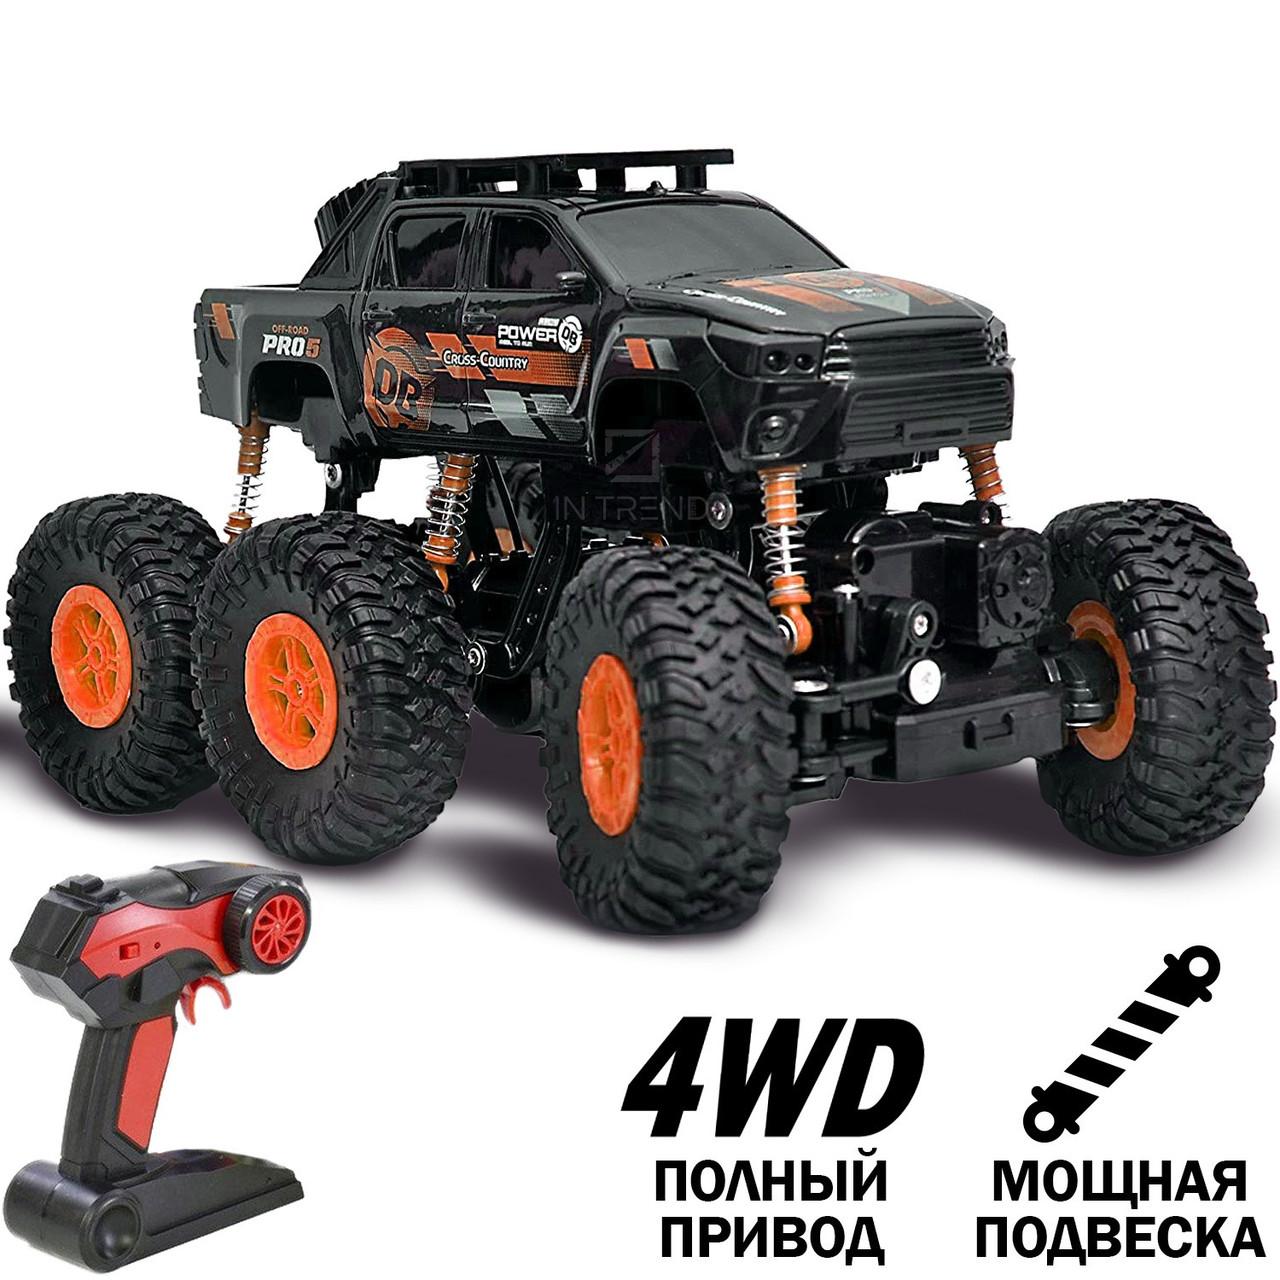 Дитячий радіокерований позашляховик DongBang DB-2060 Crawler Xtreme, 4.8 V, 4 WD, чорно-помаранчевий